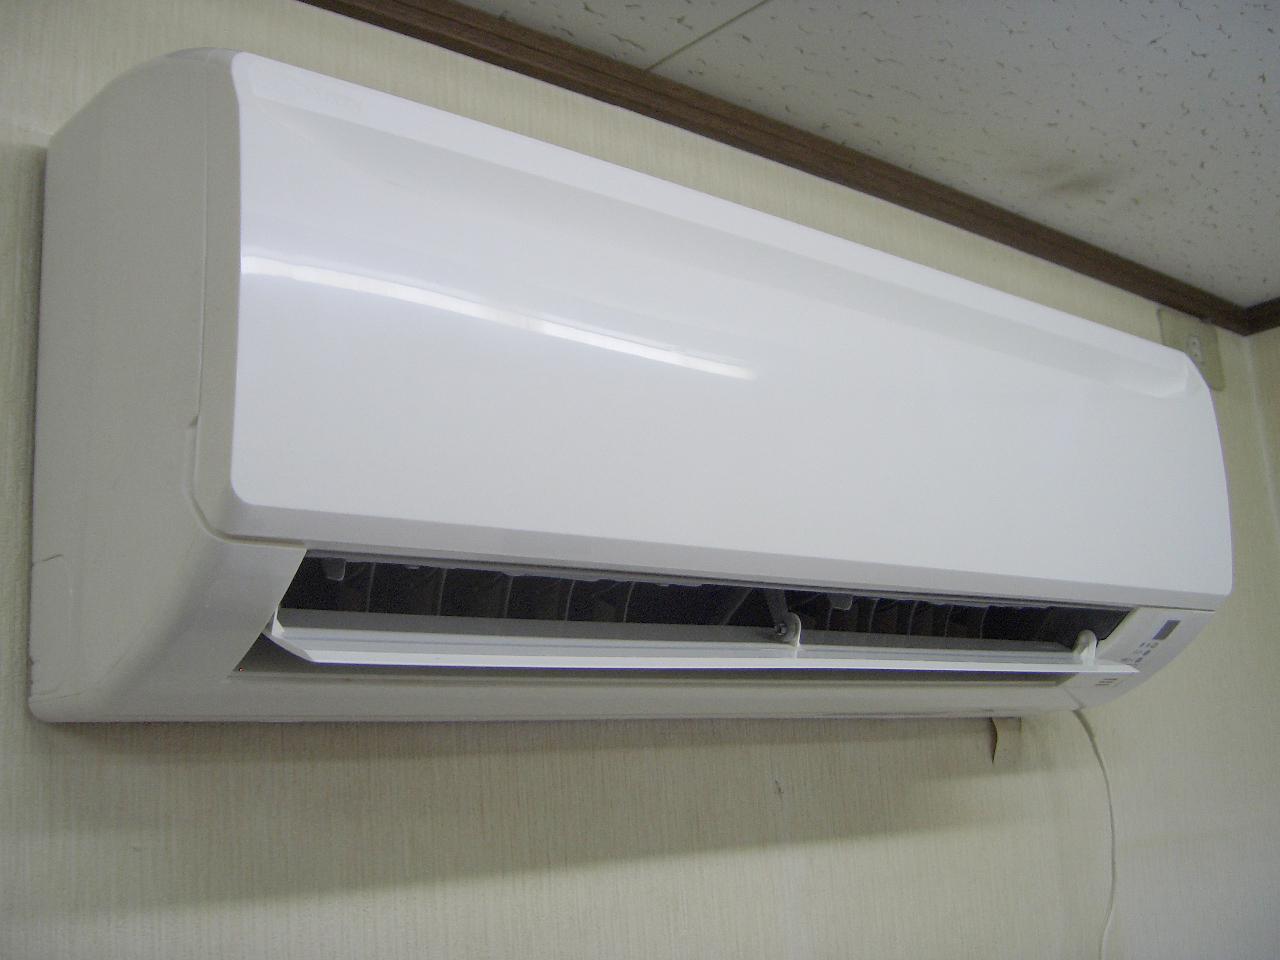 エアコンで夏風邪をひいてしまうのは何故?原因と対策をご紹介☆のサムネイル画像